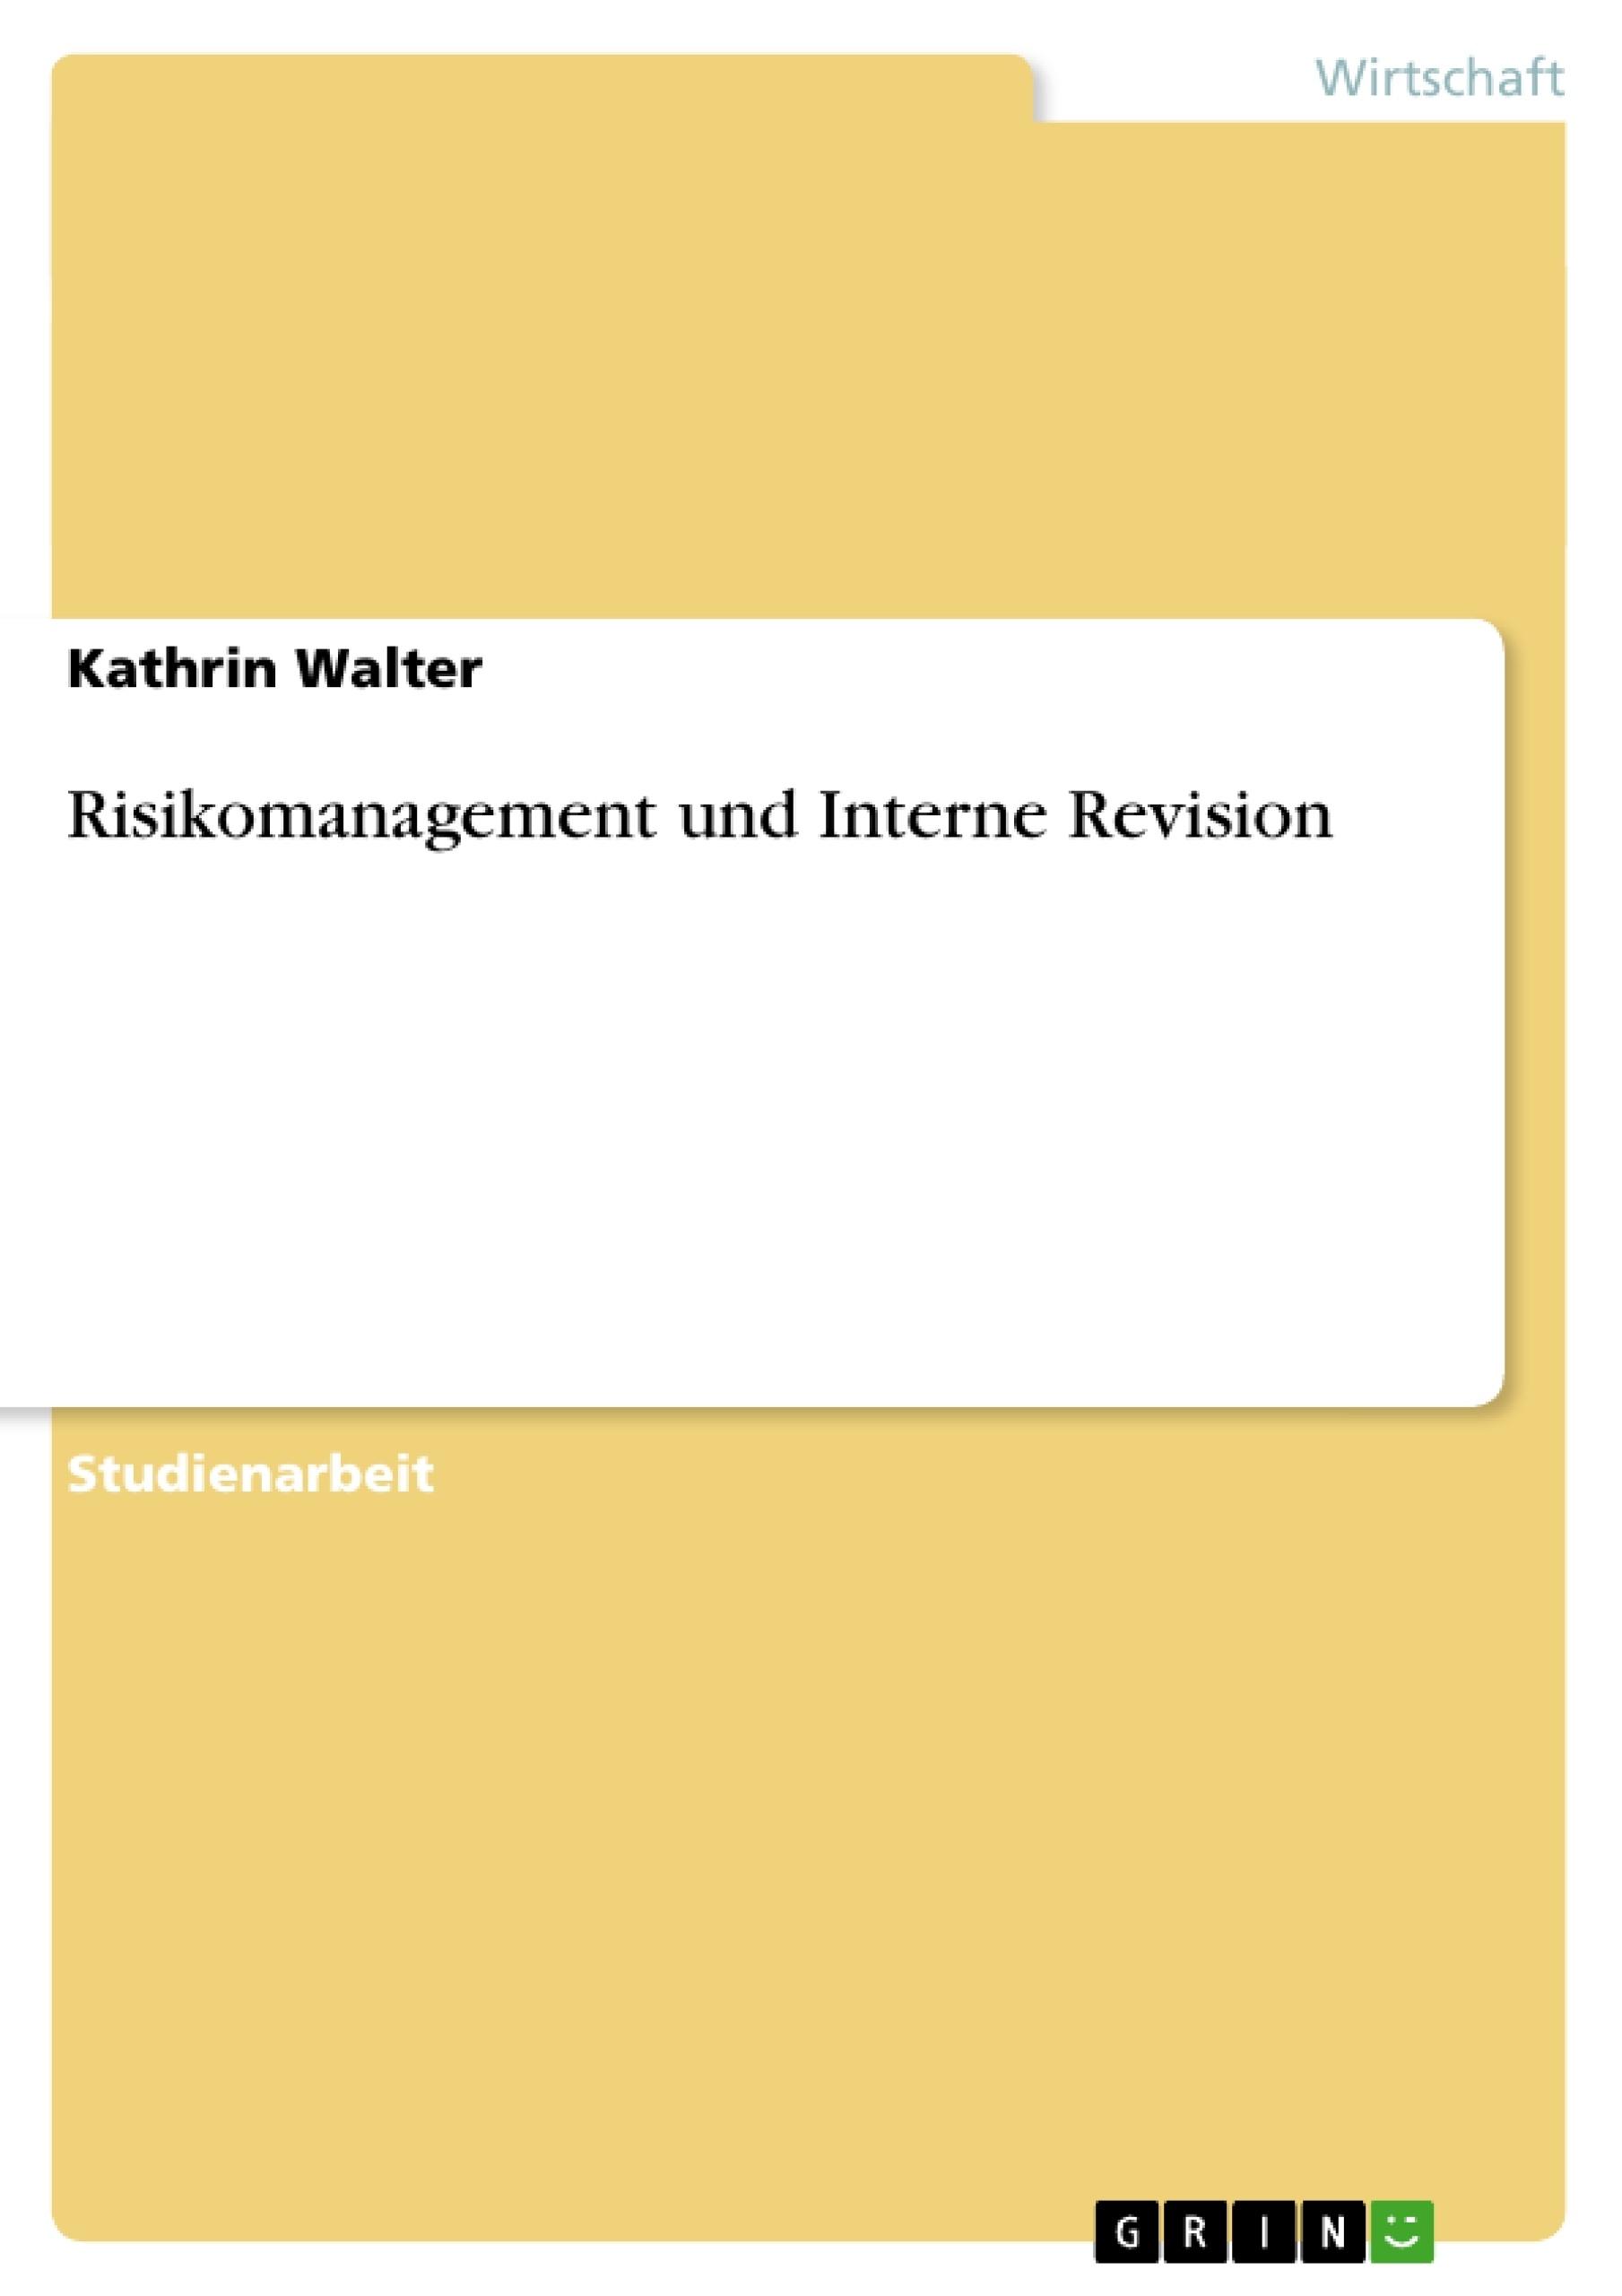 Titel: Risikomanagement und Interne Revision